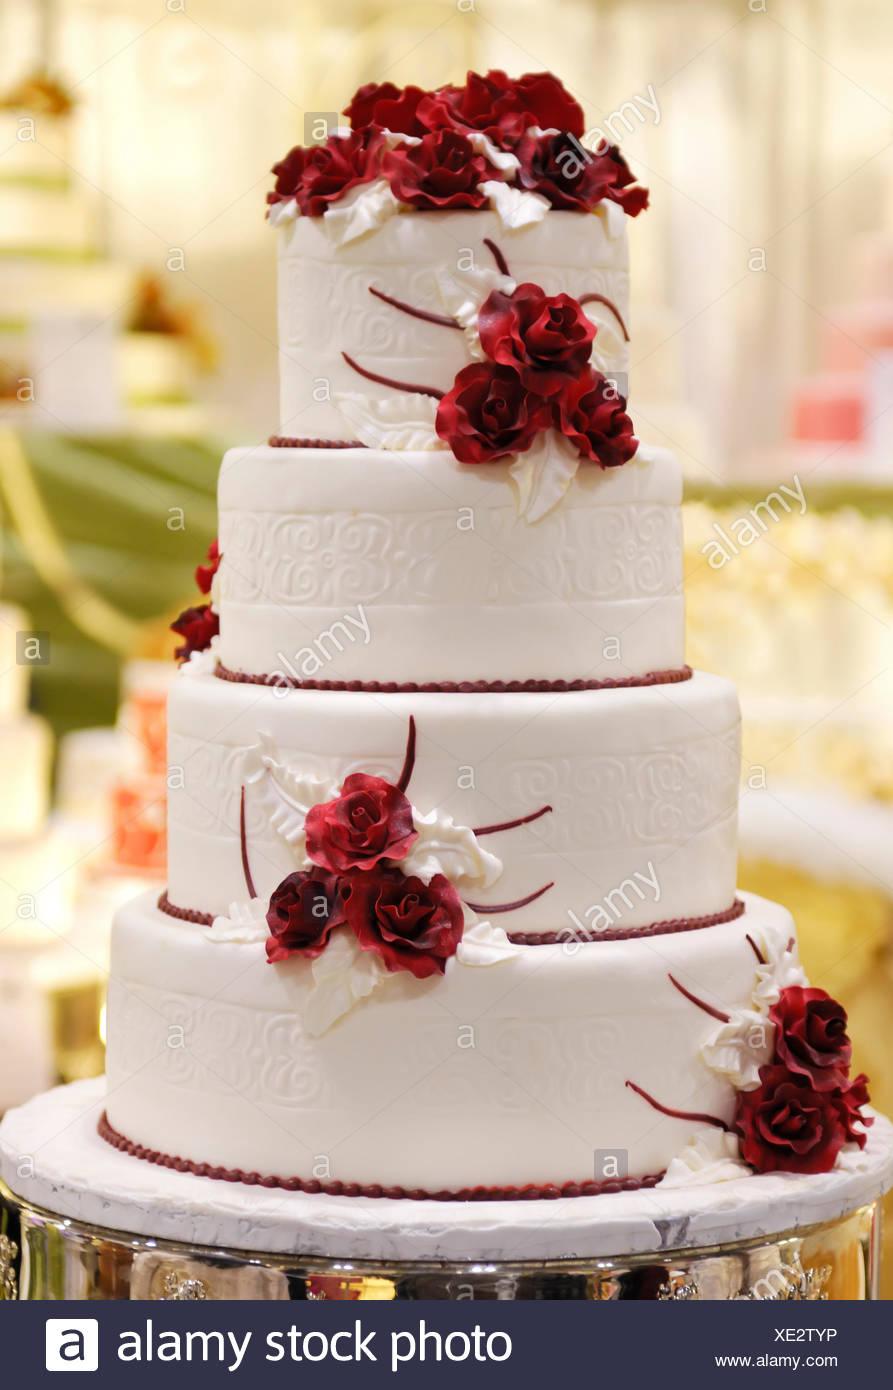 2 caja de regalo de pastel caja boda decorativas pastel pastel schachte